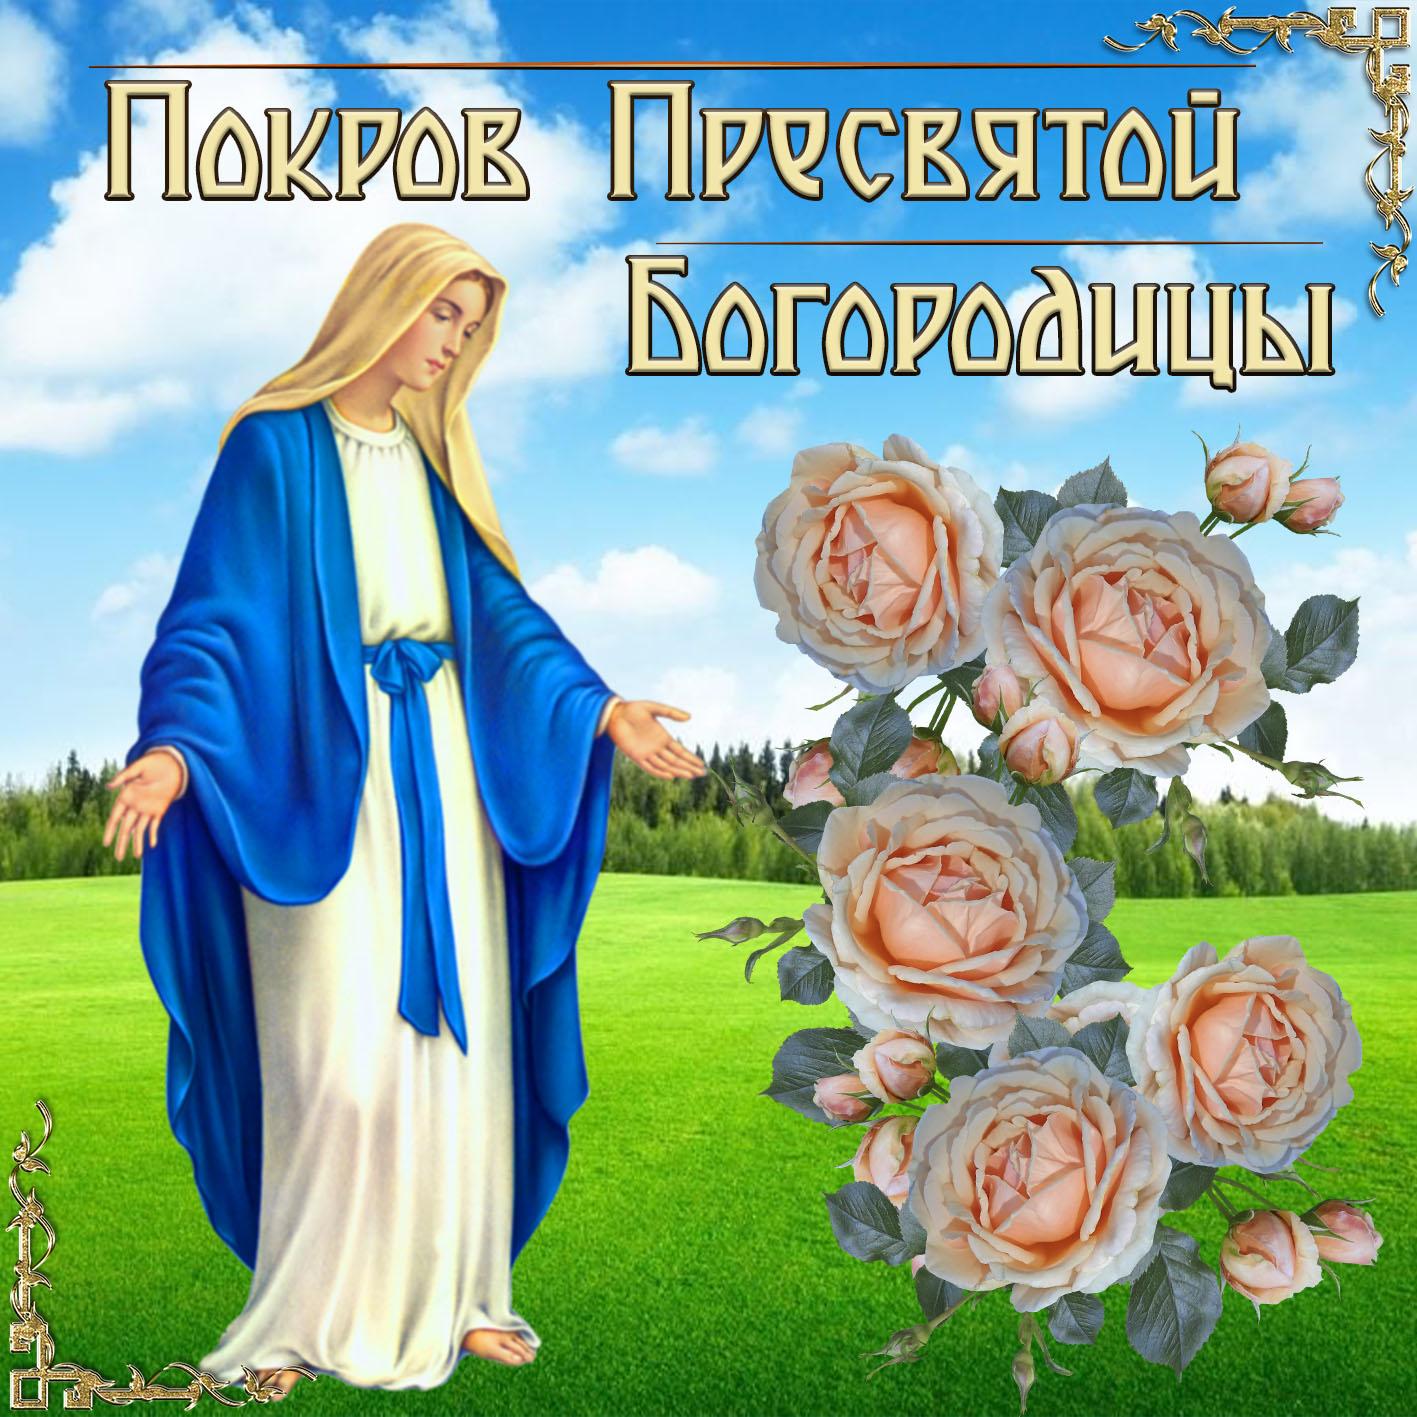 Открытка на Покров с розами и ликом Богородицы